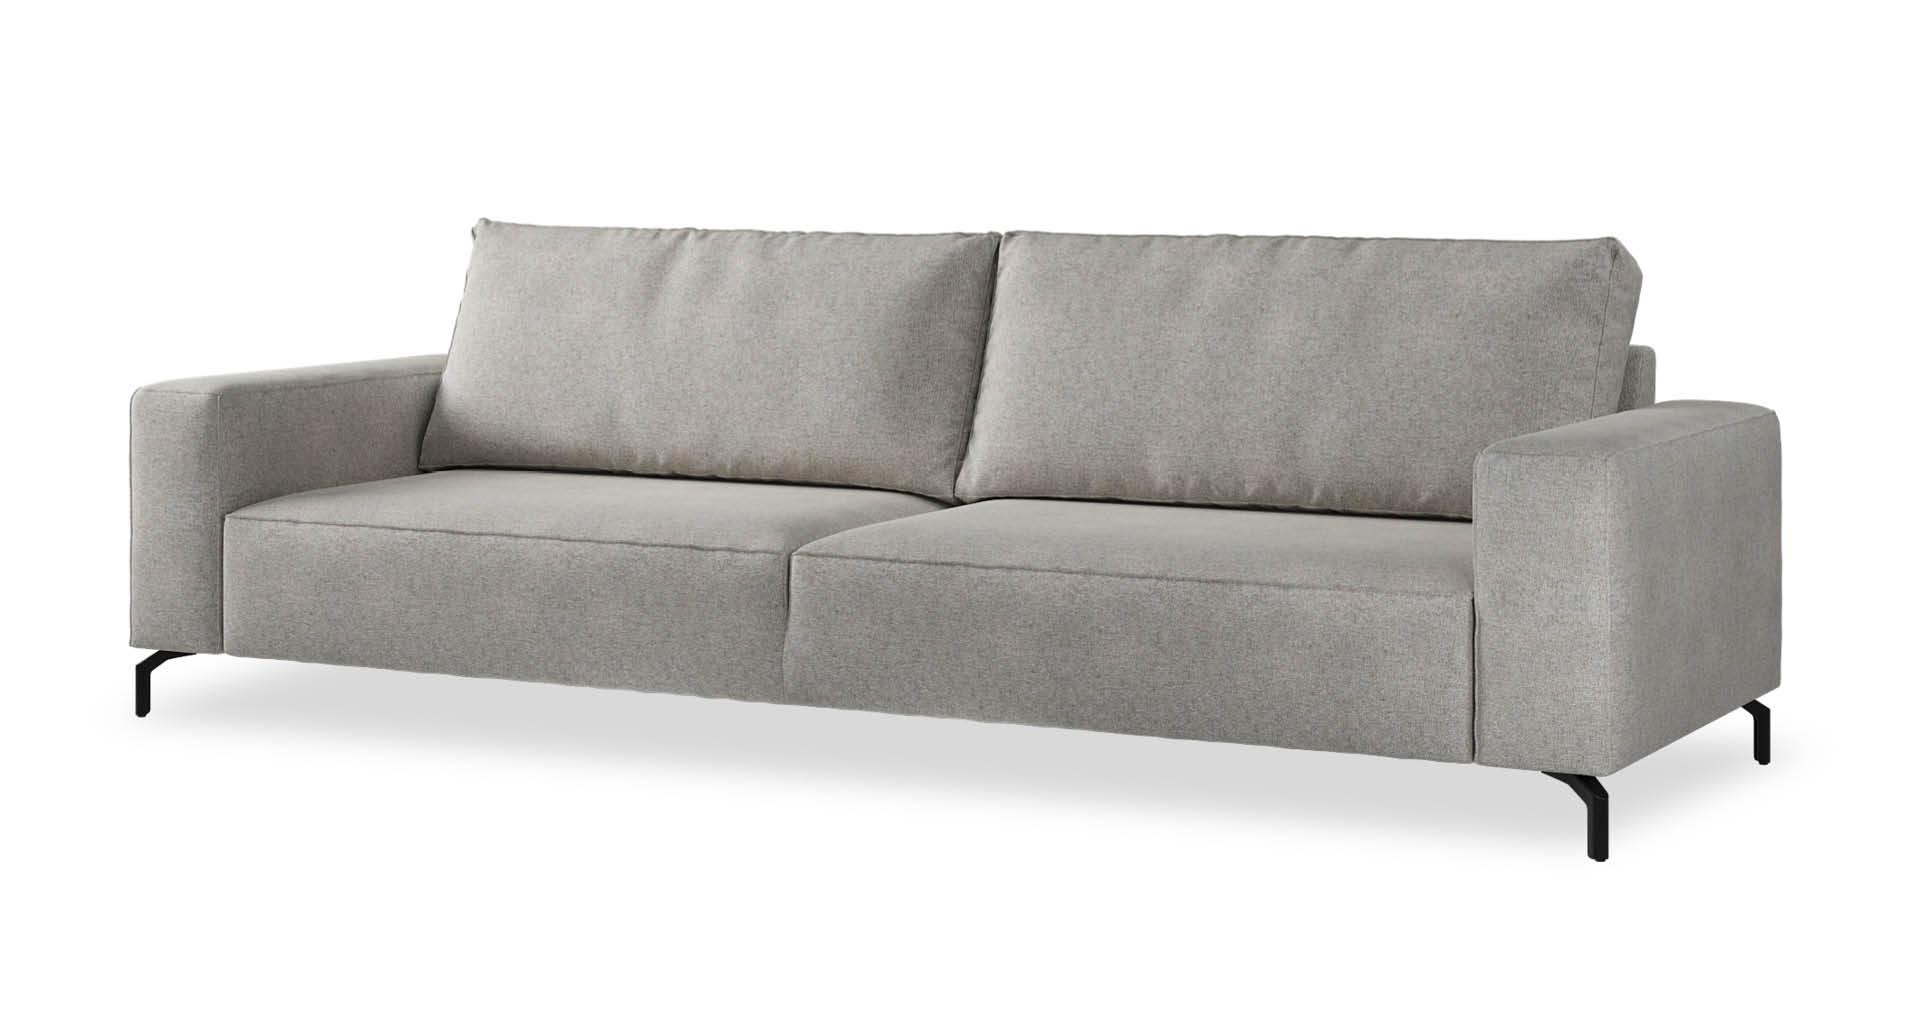 """ספה לנדו 295 ס""""מ בגוון גרייז' פורטובלו"""